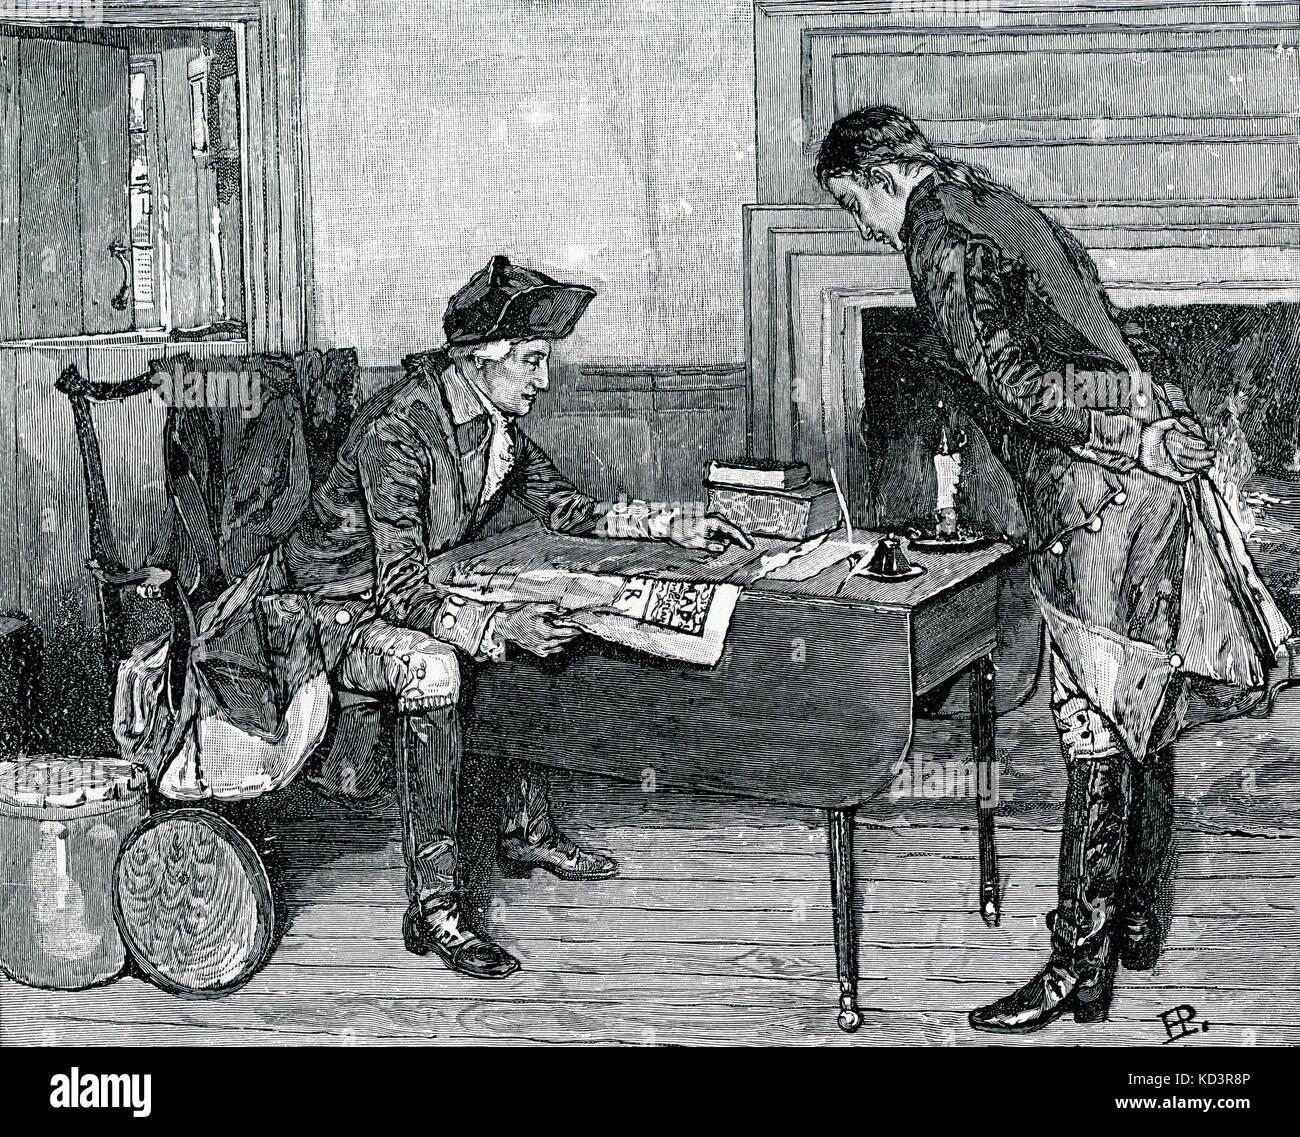 Nathan Hale riceve ordini da George Washington prima di partire per spiare sul campo britannico. Rivoluzione americana. Illustrazione di Howard Pyle, 1901 Foto Stock